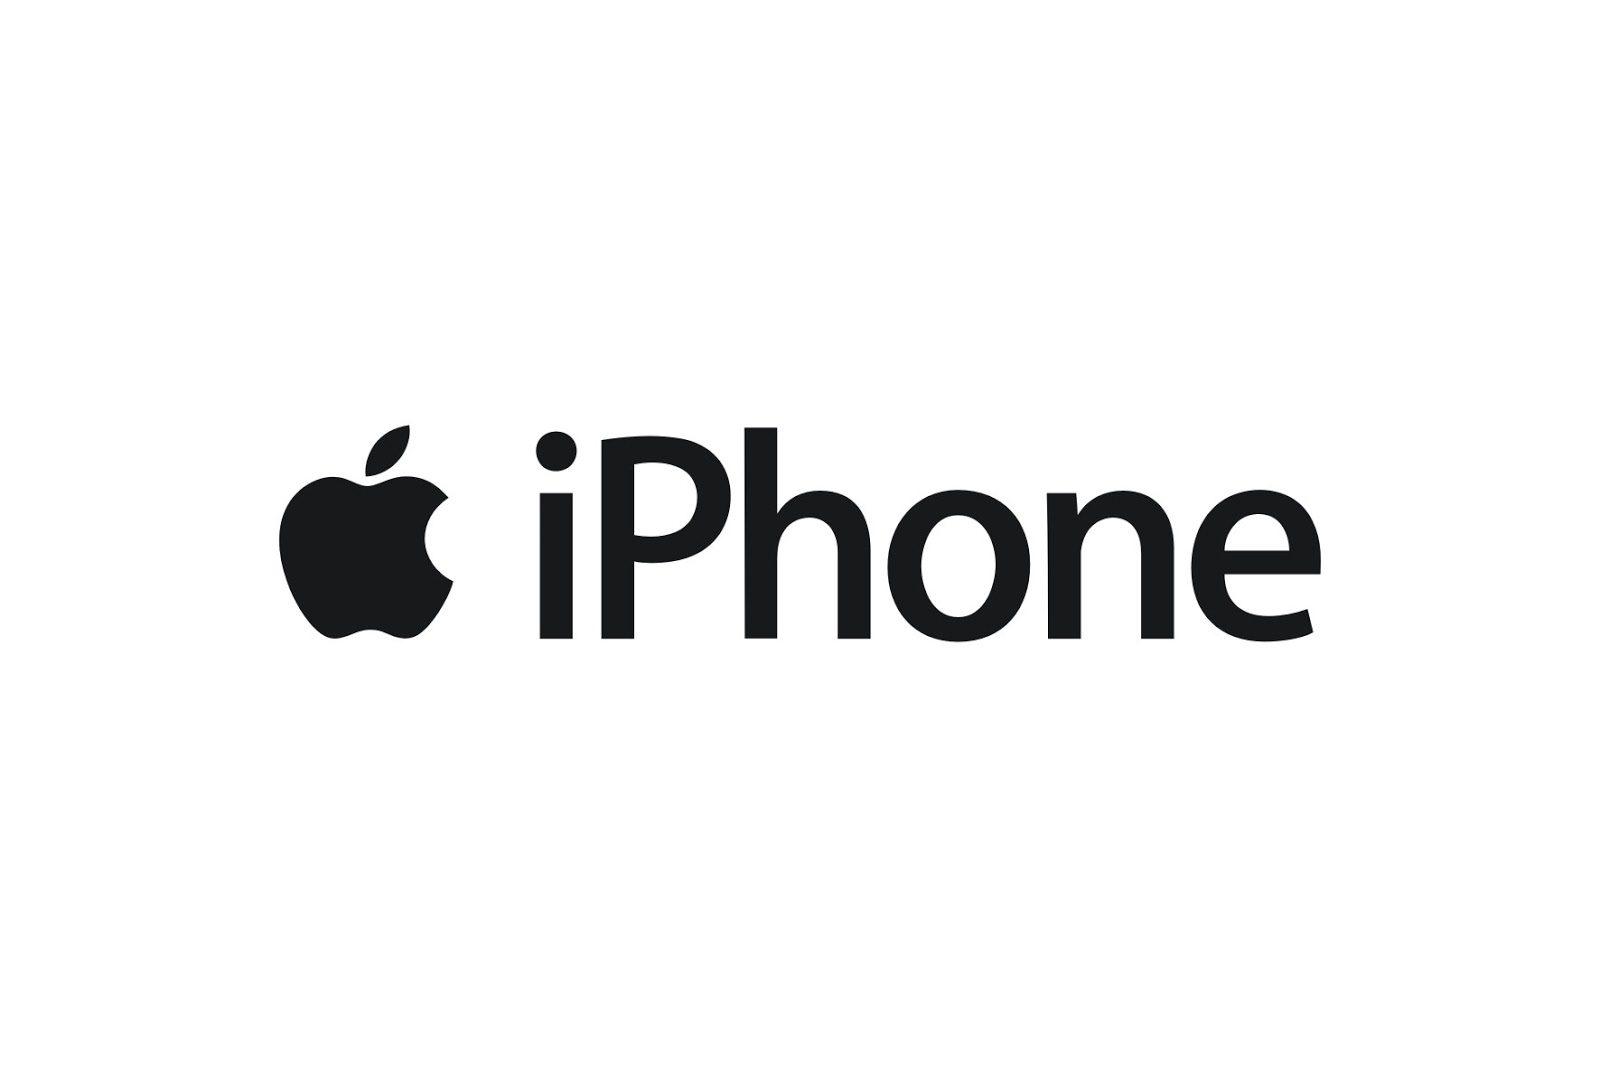 iPhone yazısı ile ilgili görsel sonucu